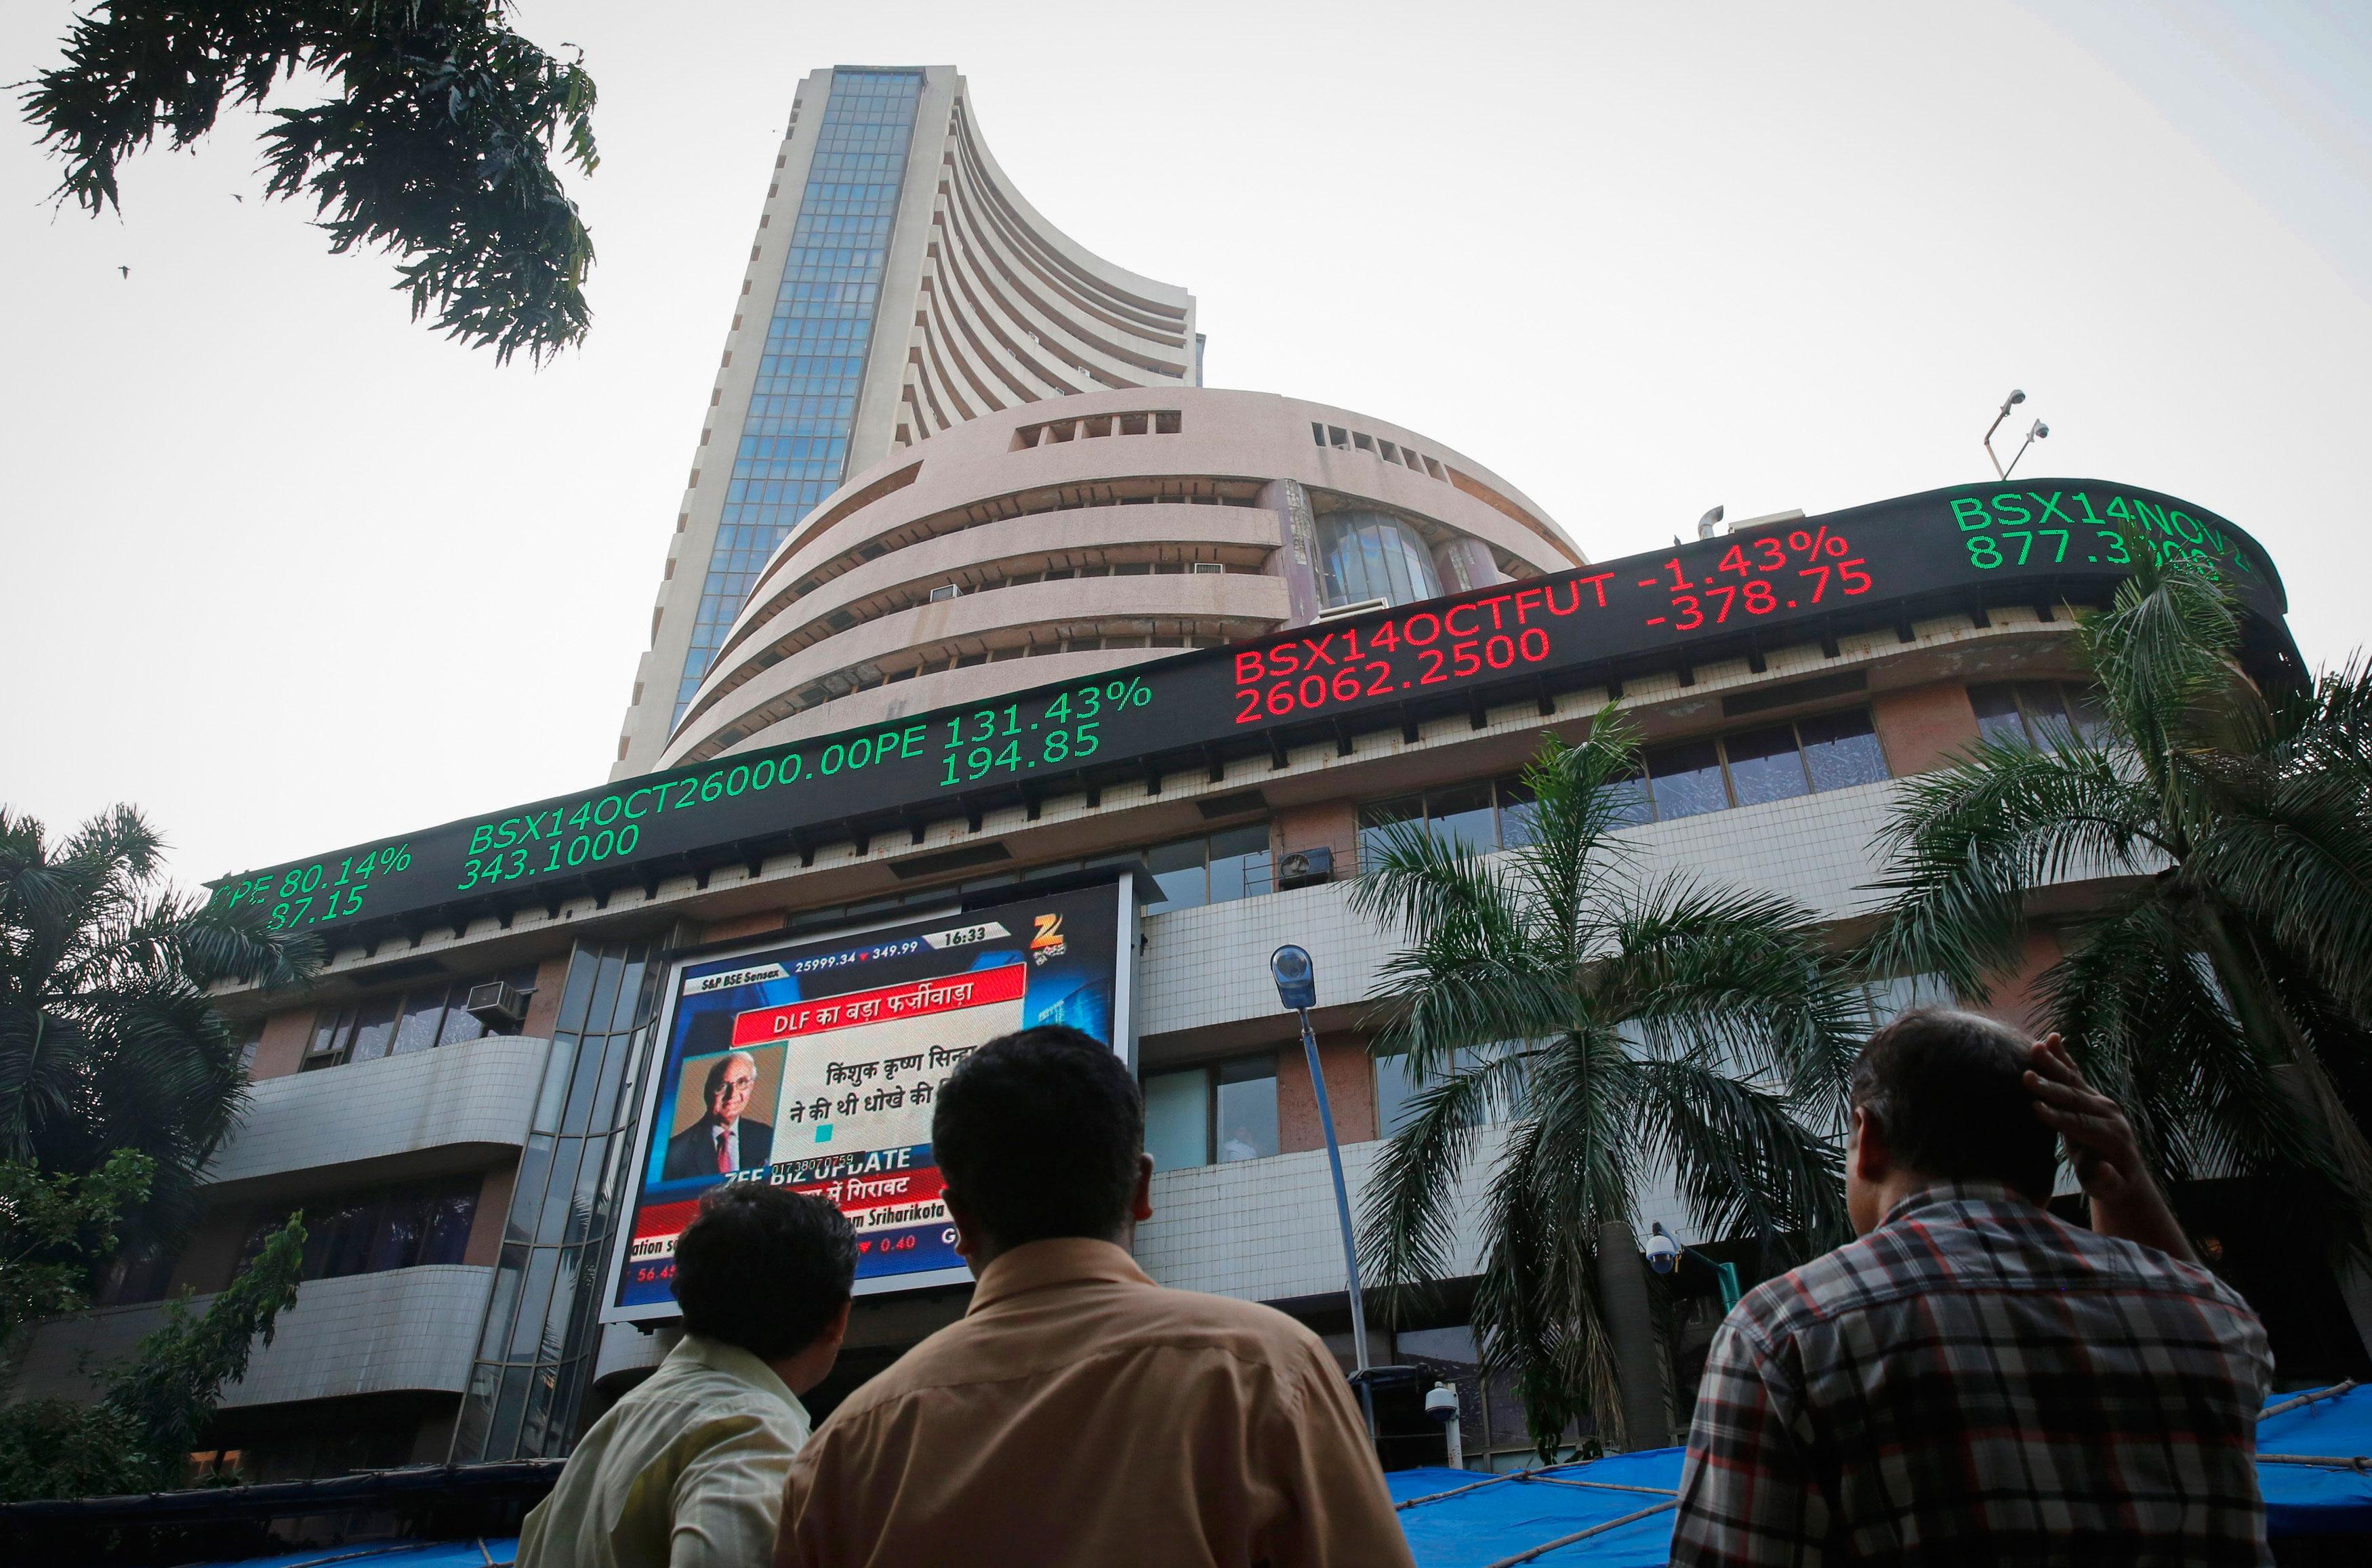 Sensex ends at 1-month high